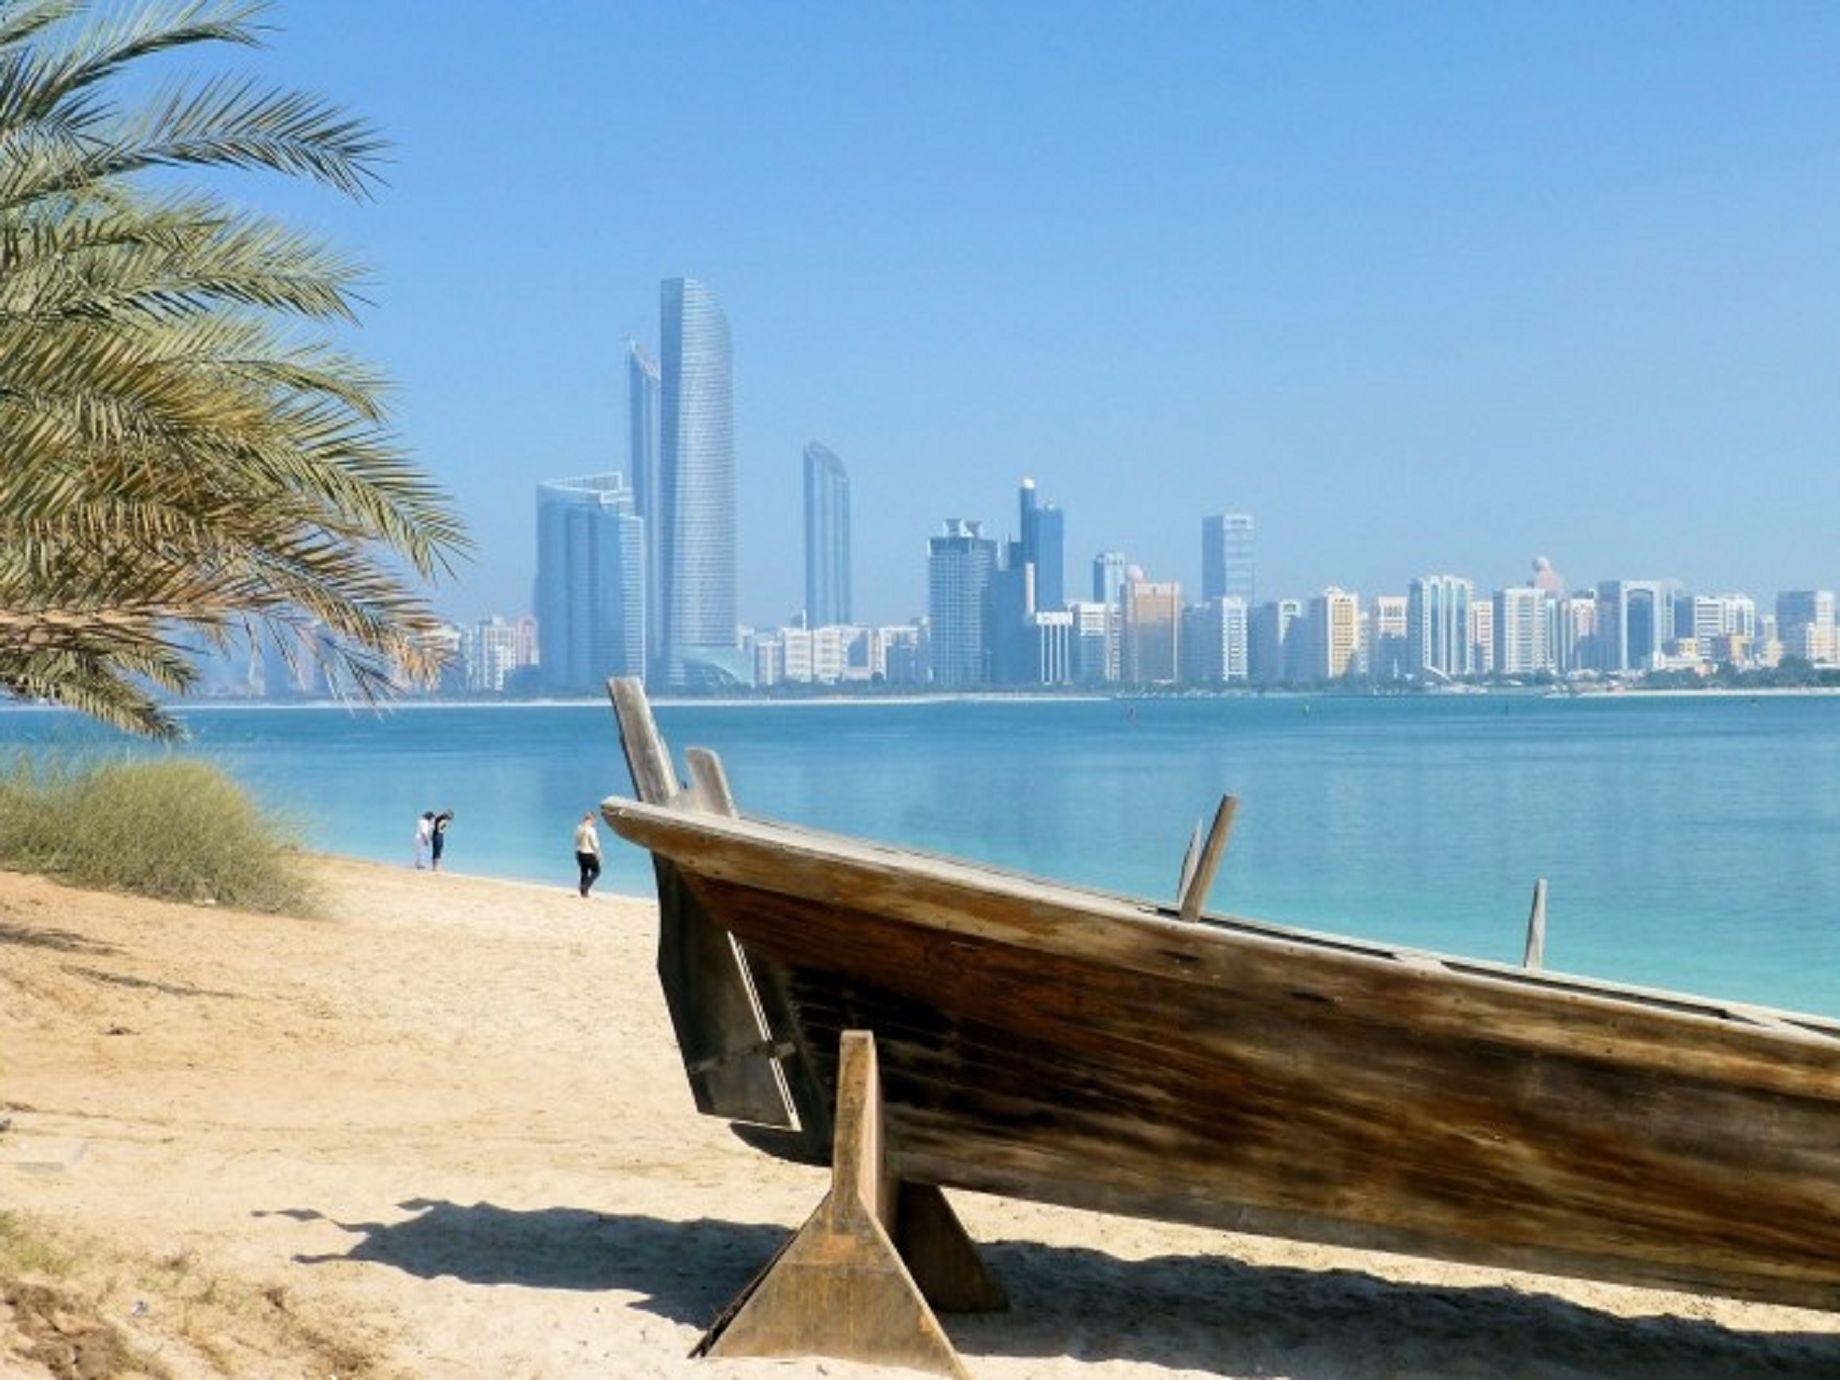 杜拜電商成長進行式,帶動中東地區電商發展崛起